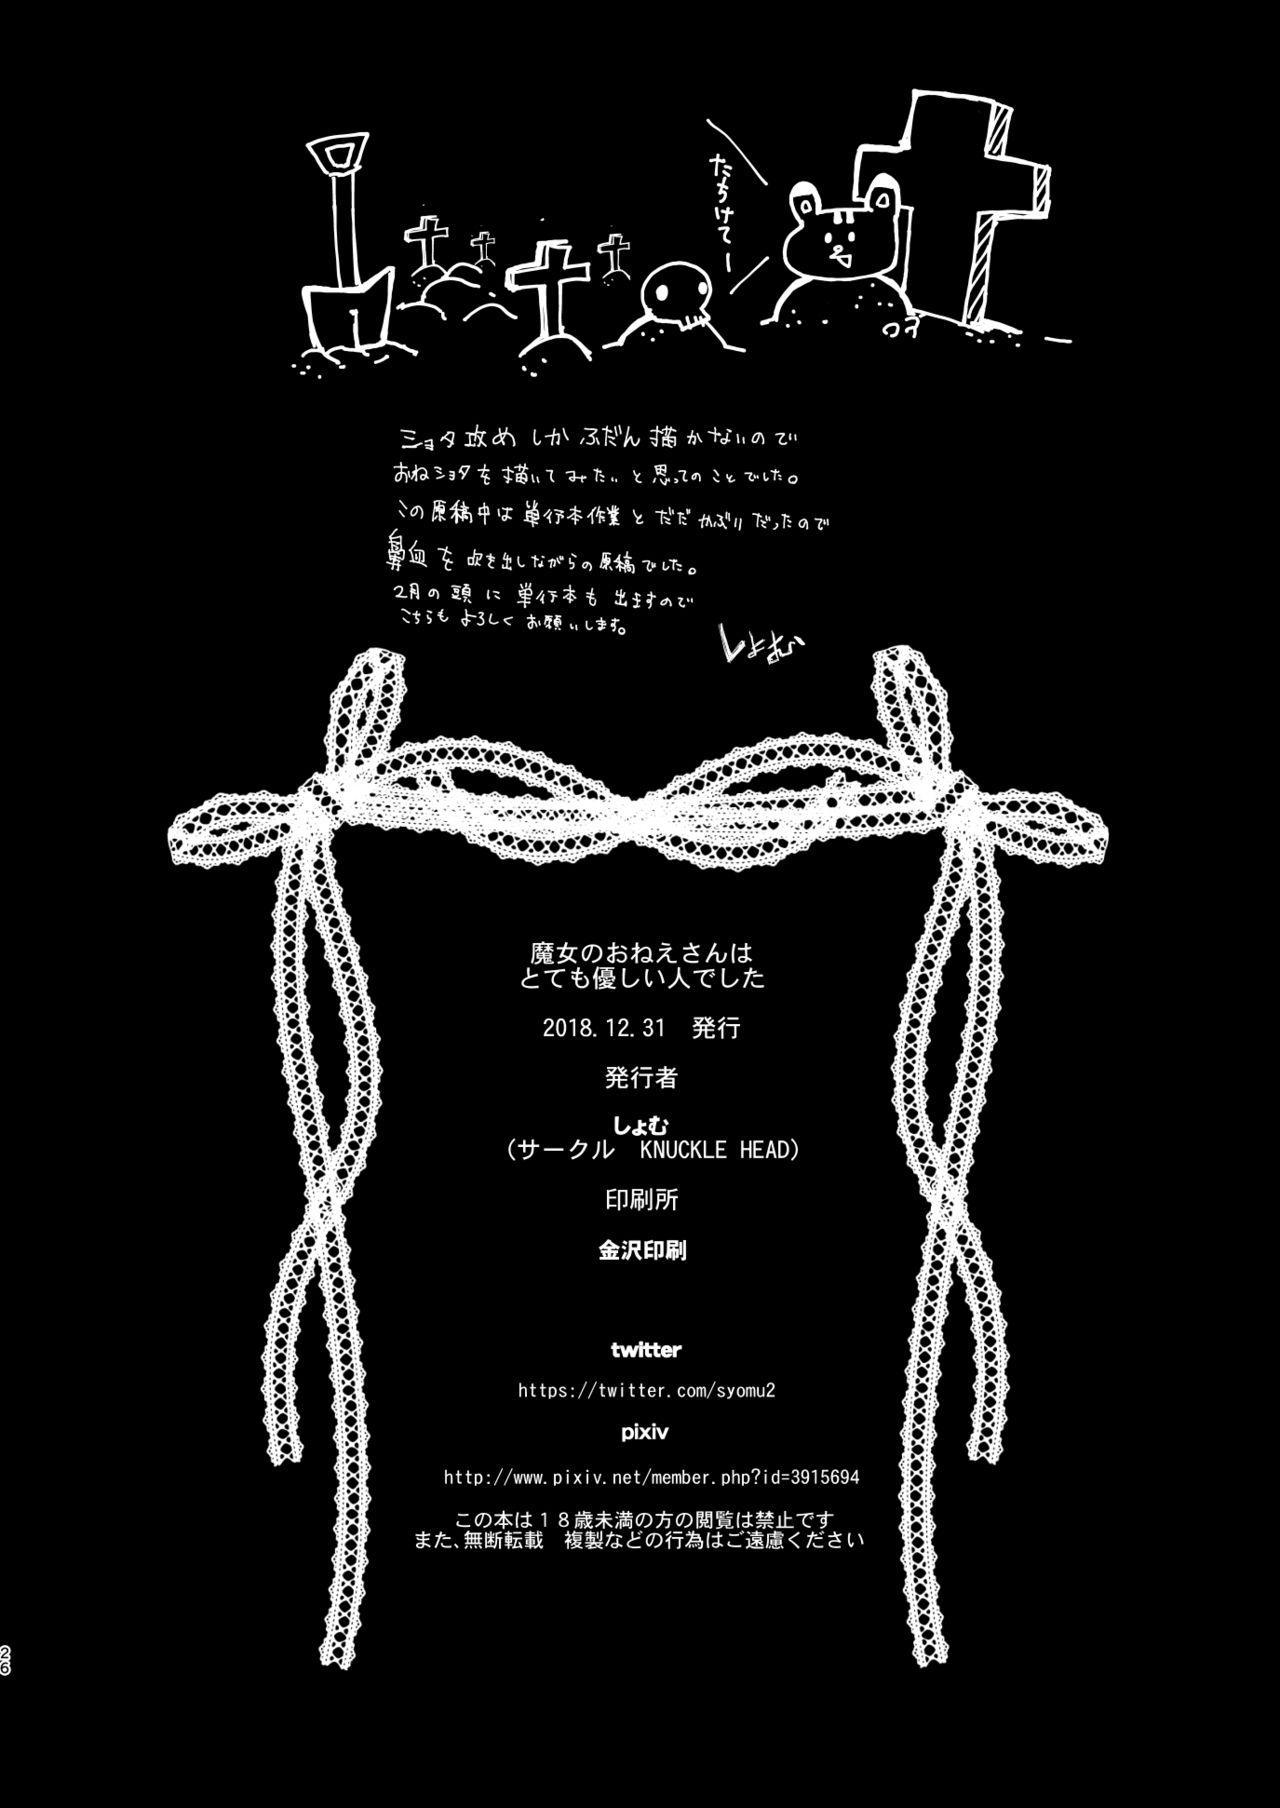 Majo no Onee-san wa Totemo Yasashii Hito deshita 24